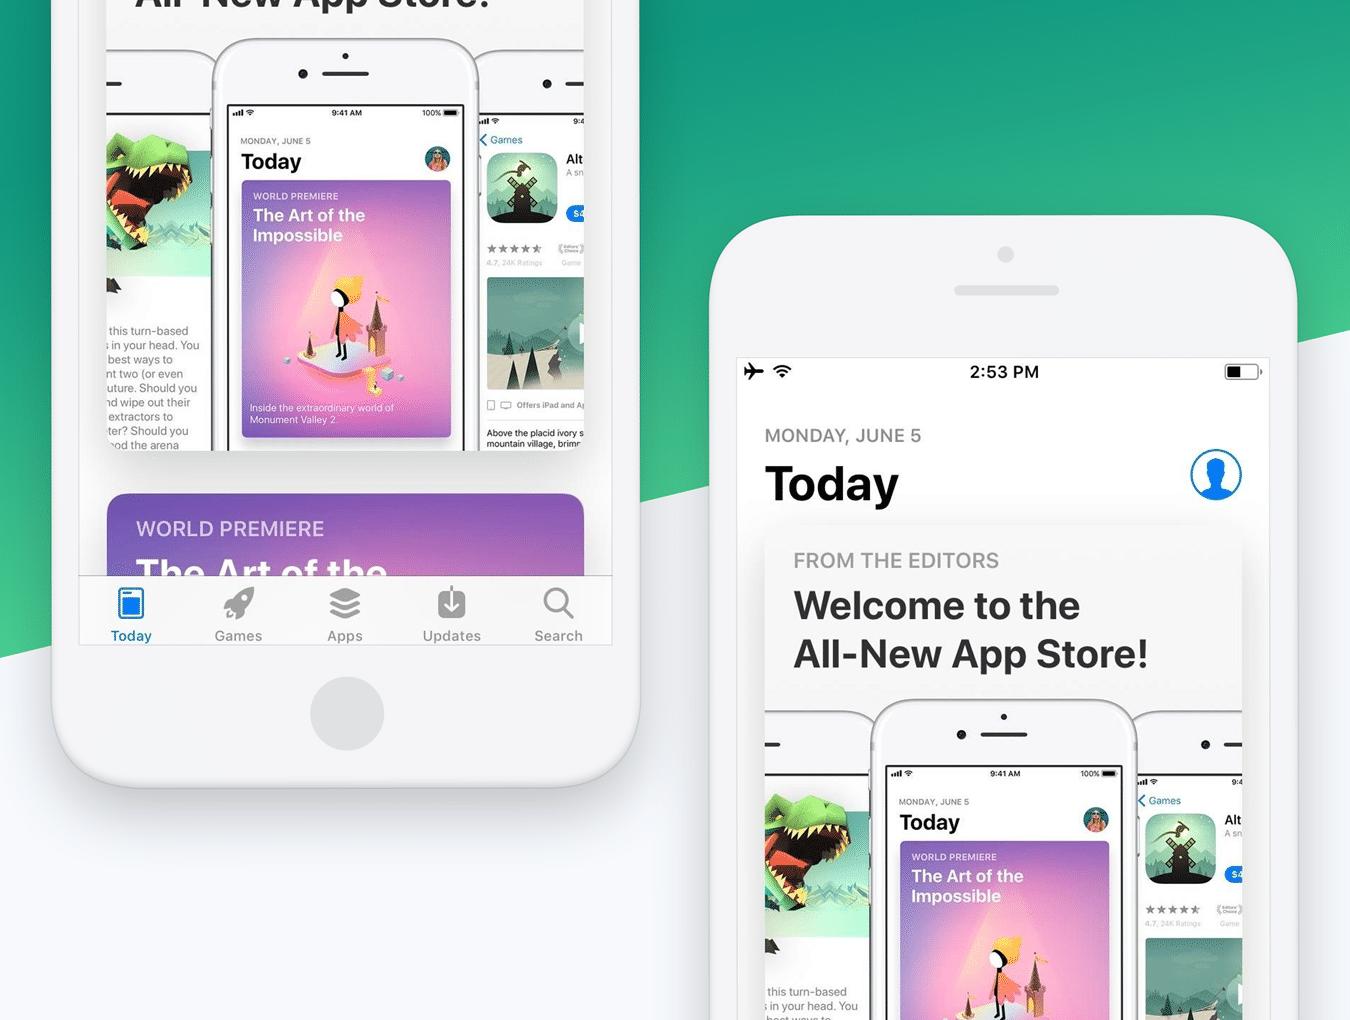 设计师必备的完美的UI设计作品展示模板套装[PSD,for iPhone X,iPhone 8,iPad等]插图6